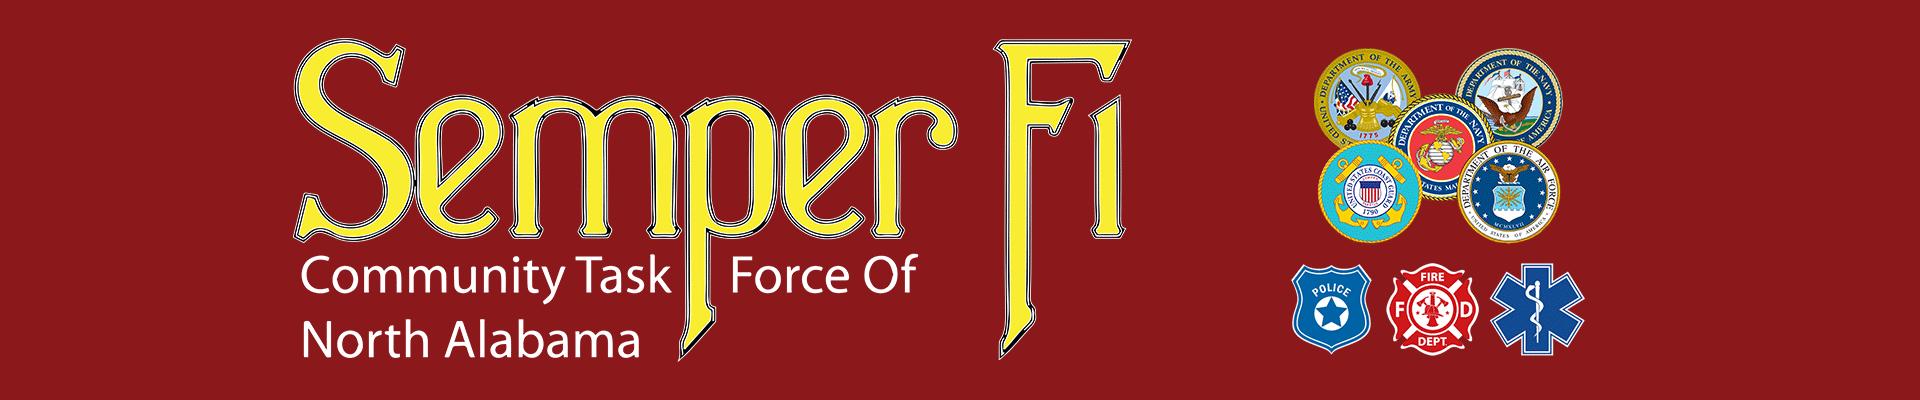 Semper-Fi-Community-Task-Force-Main-Banner-400pxhigh